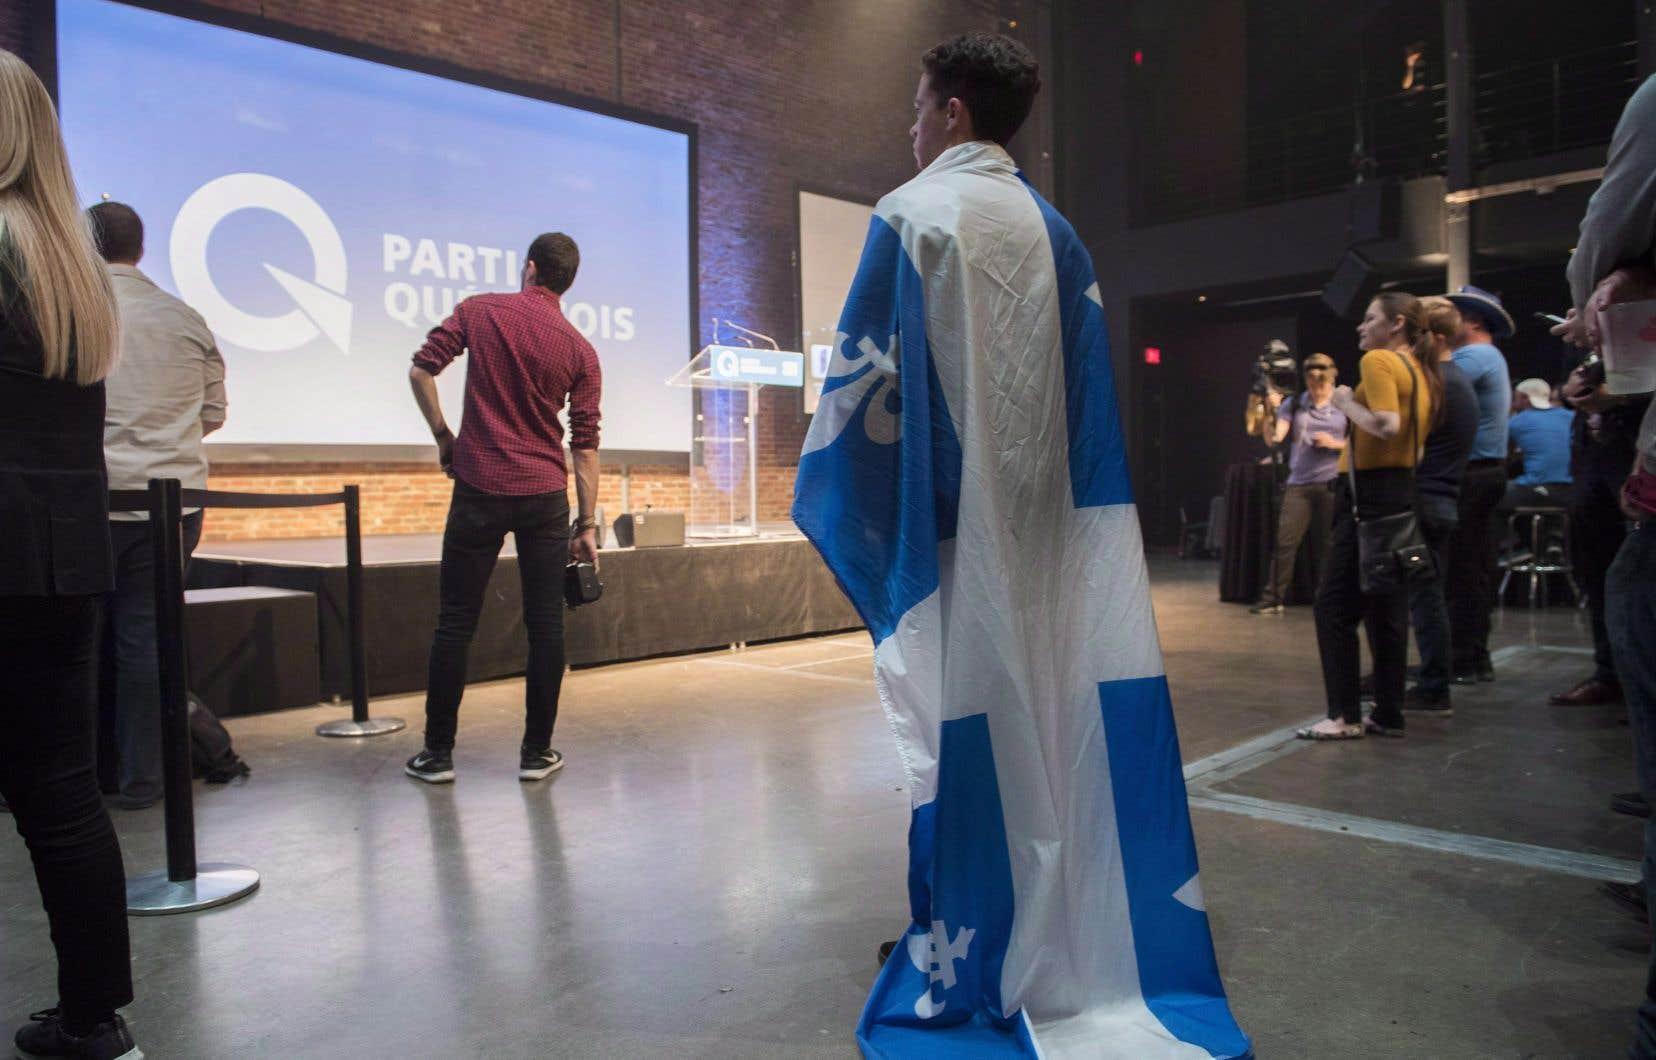 Le Parti Québécois est «convaincu que l'indépendance de la nation québécoise est à la fois une nécessité et une destinée».